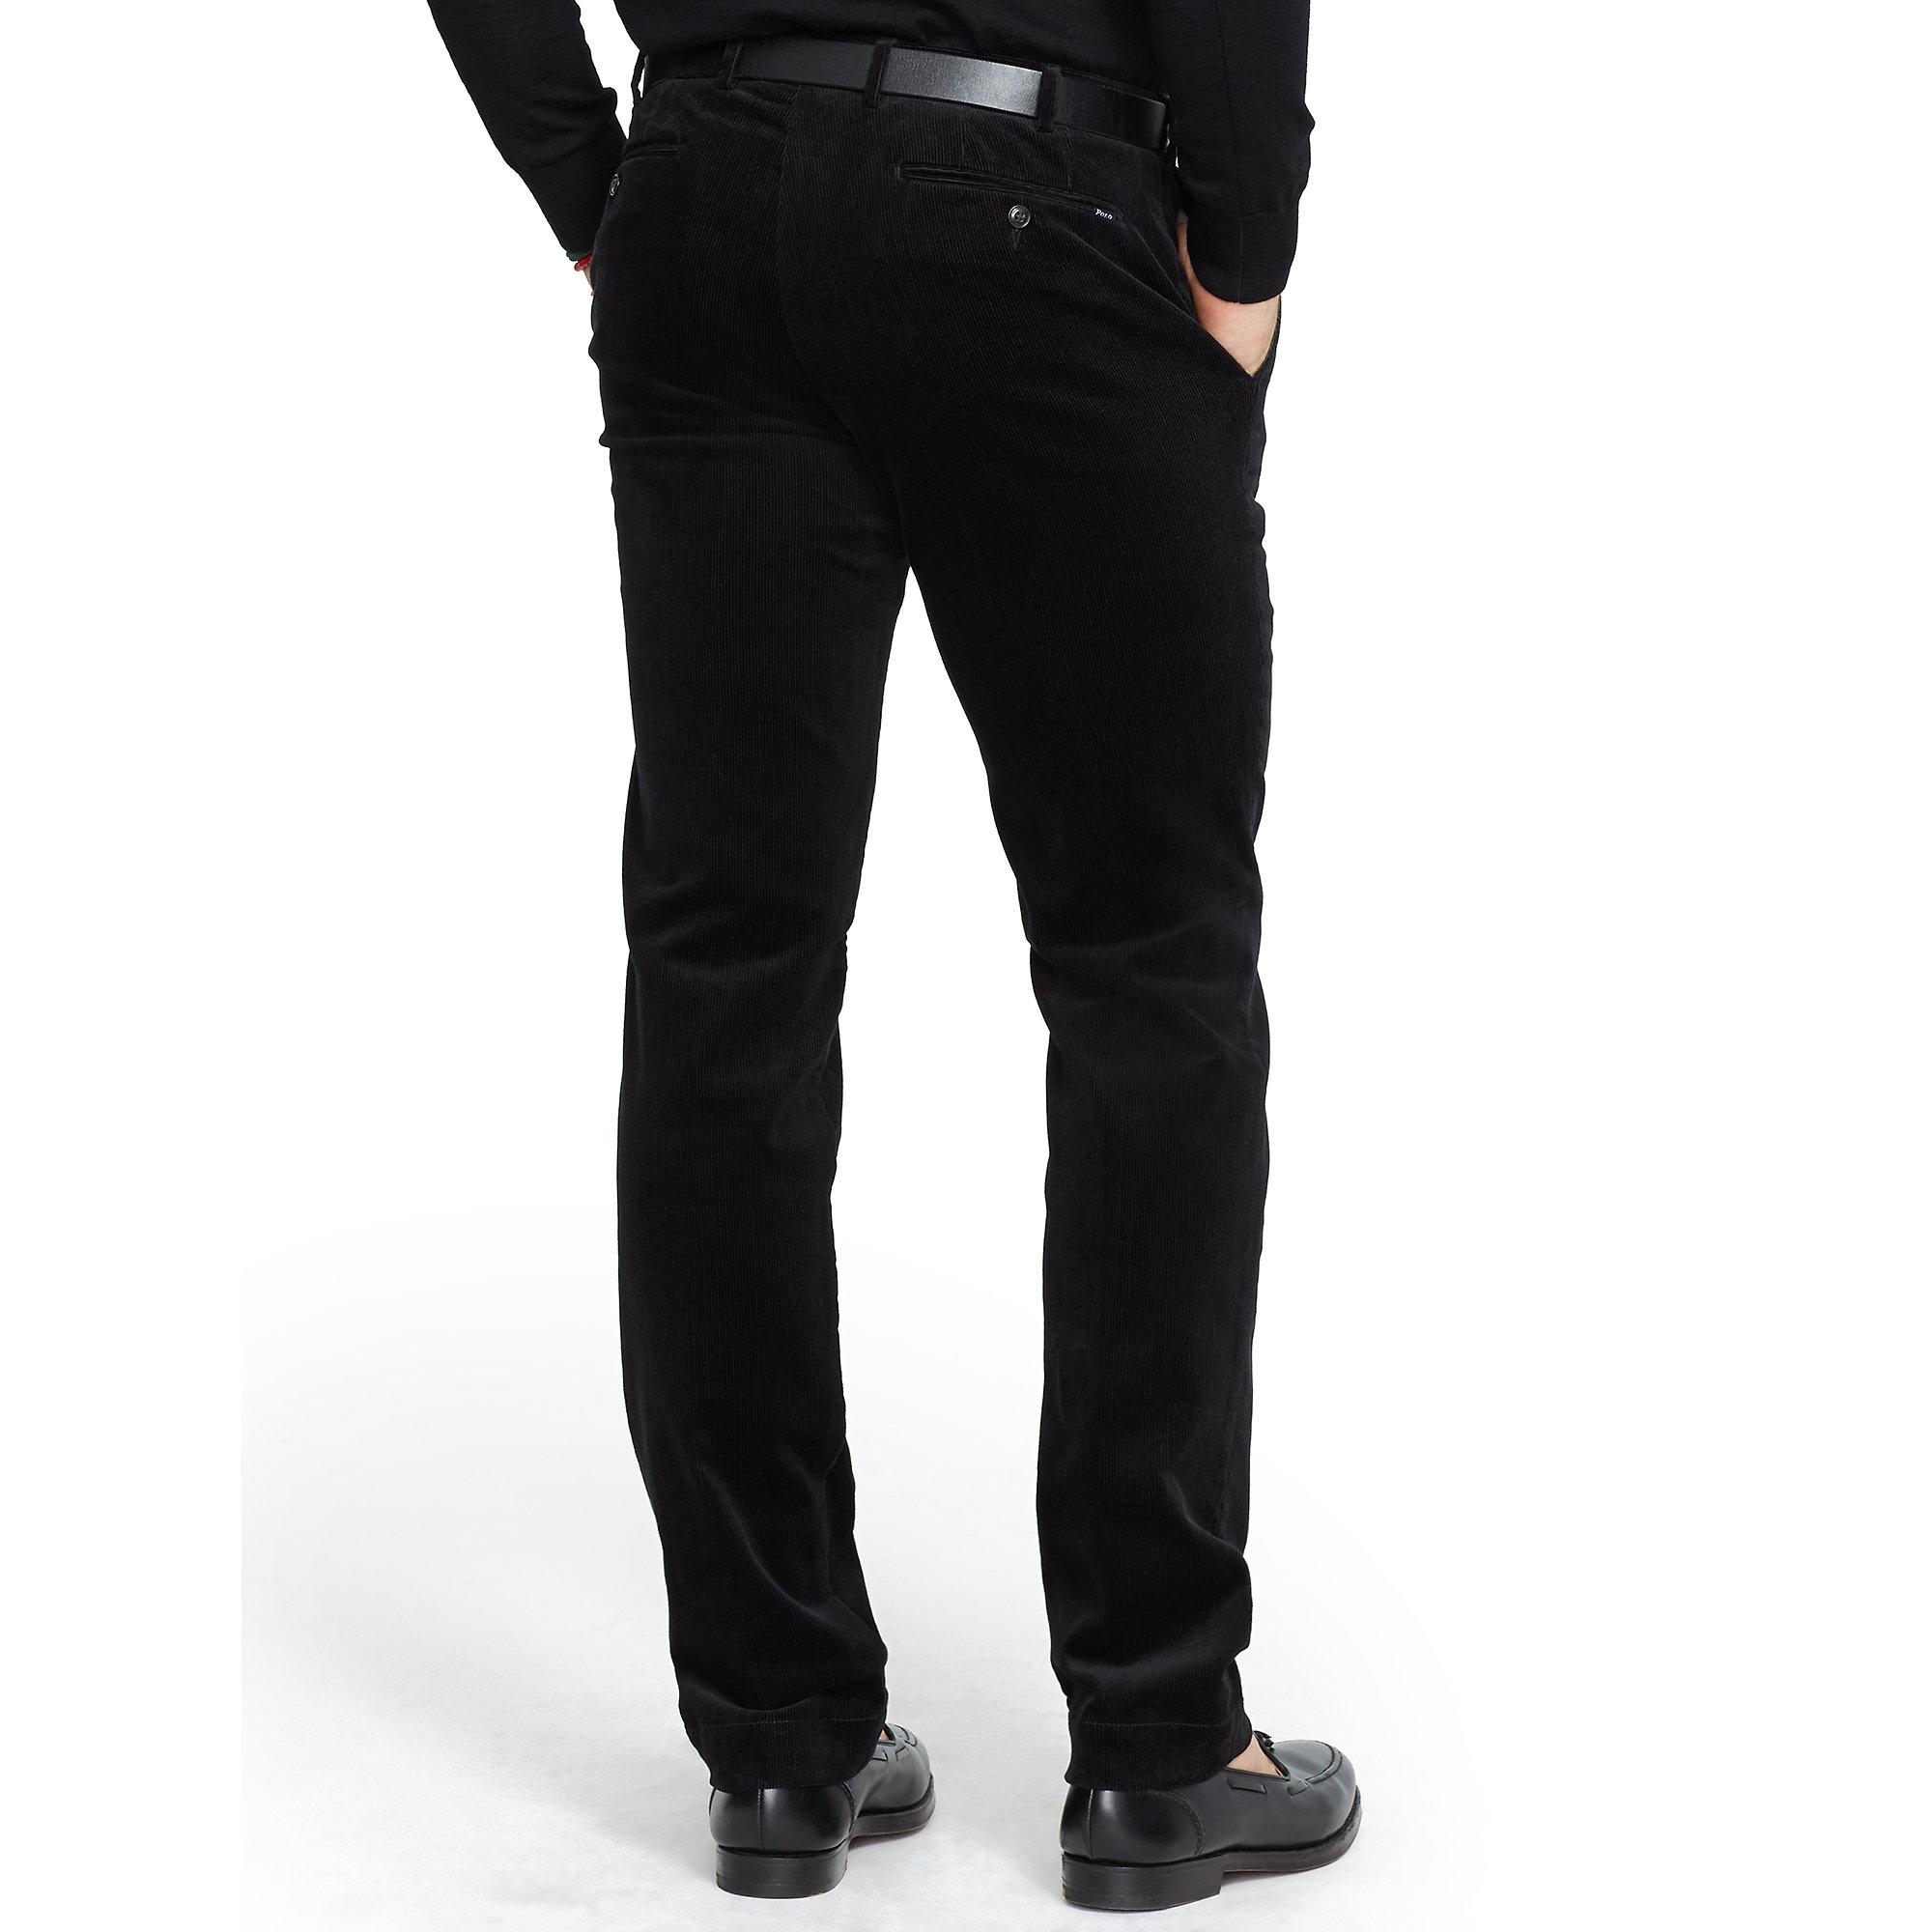 ralph lauren slim fit hudson pant in black for men polo. Black Bedroom Furniture Sets. Home Design Ideas